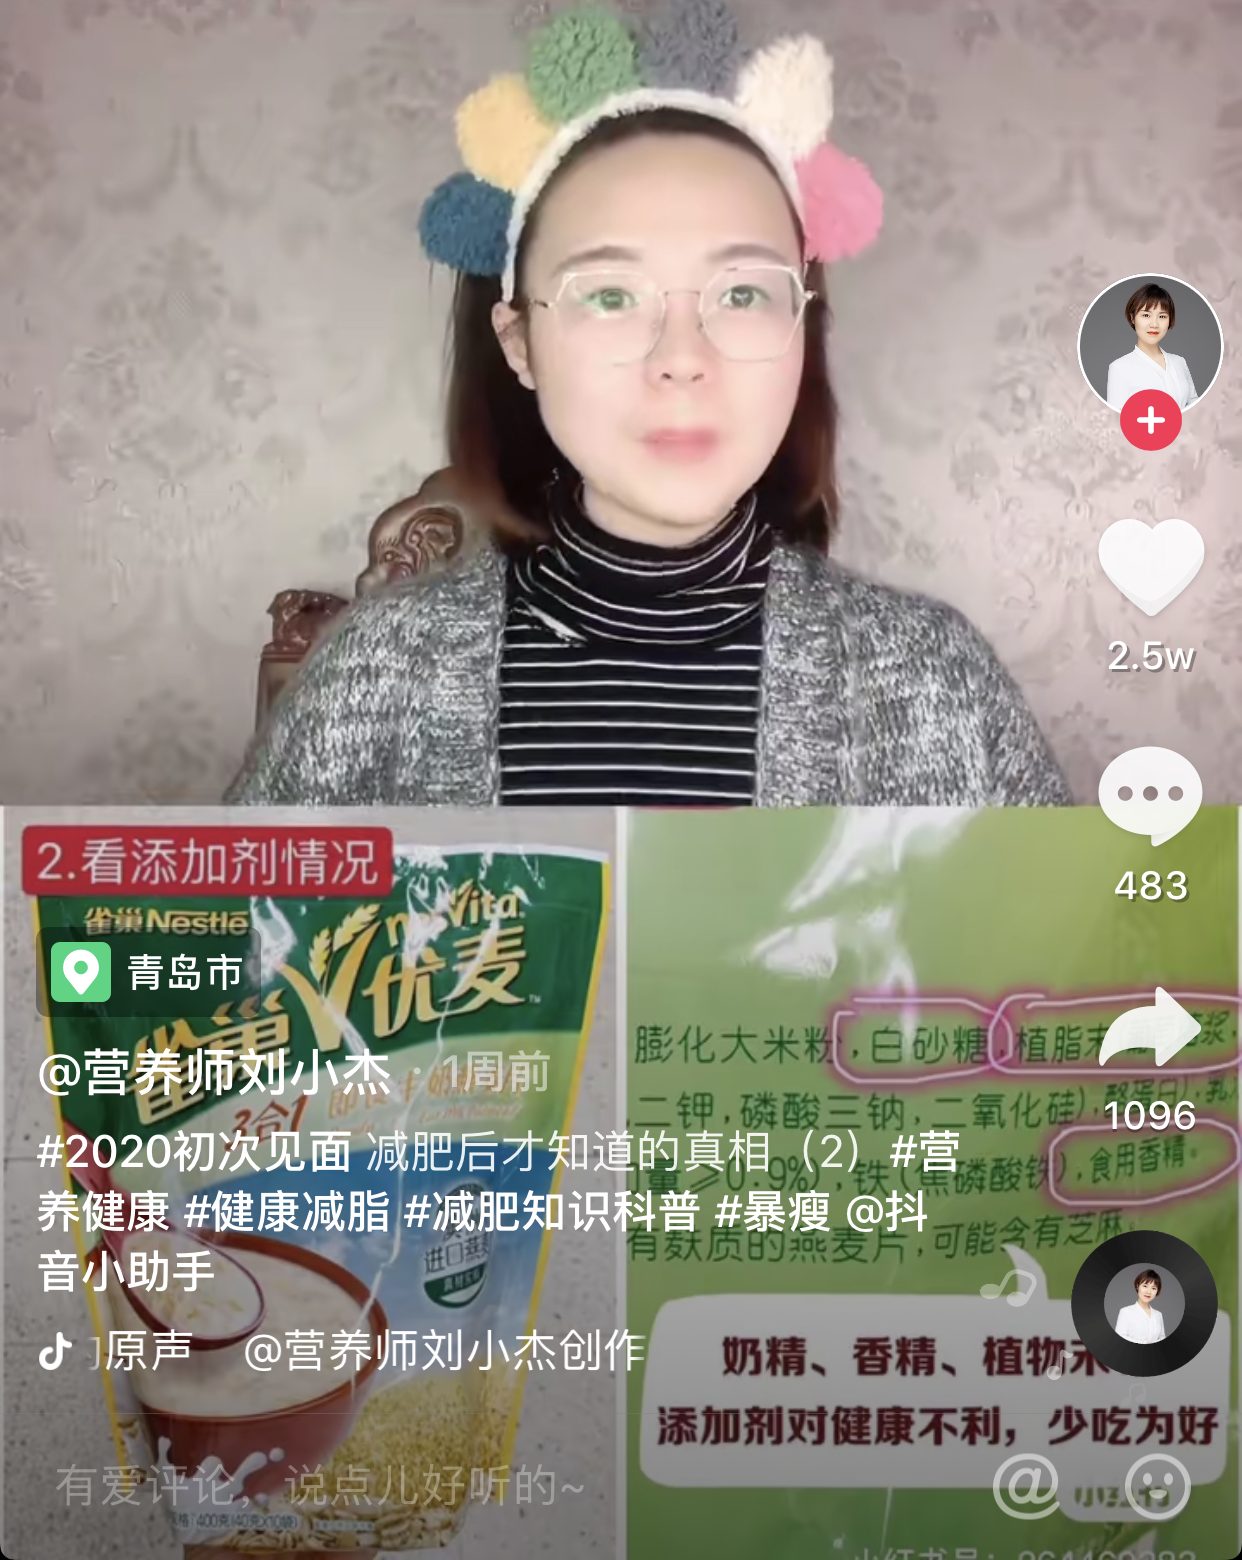 抖音刘小杰推荐的东西真的好吗-天津热点网